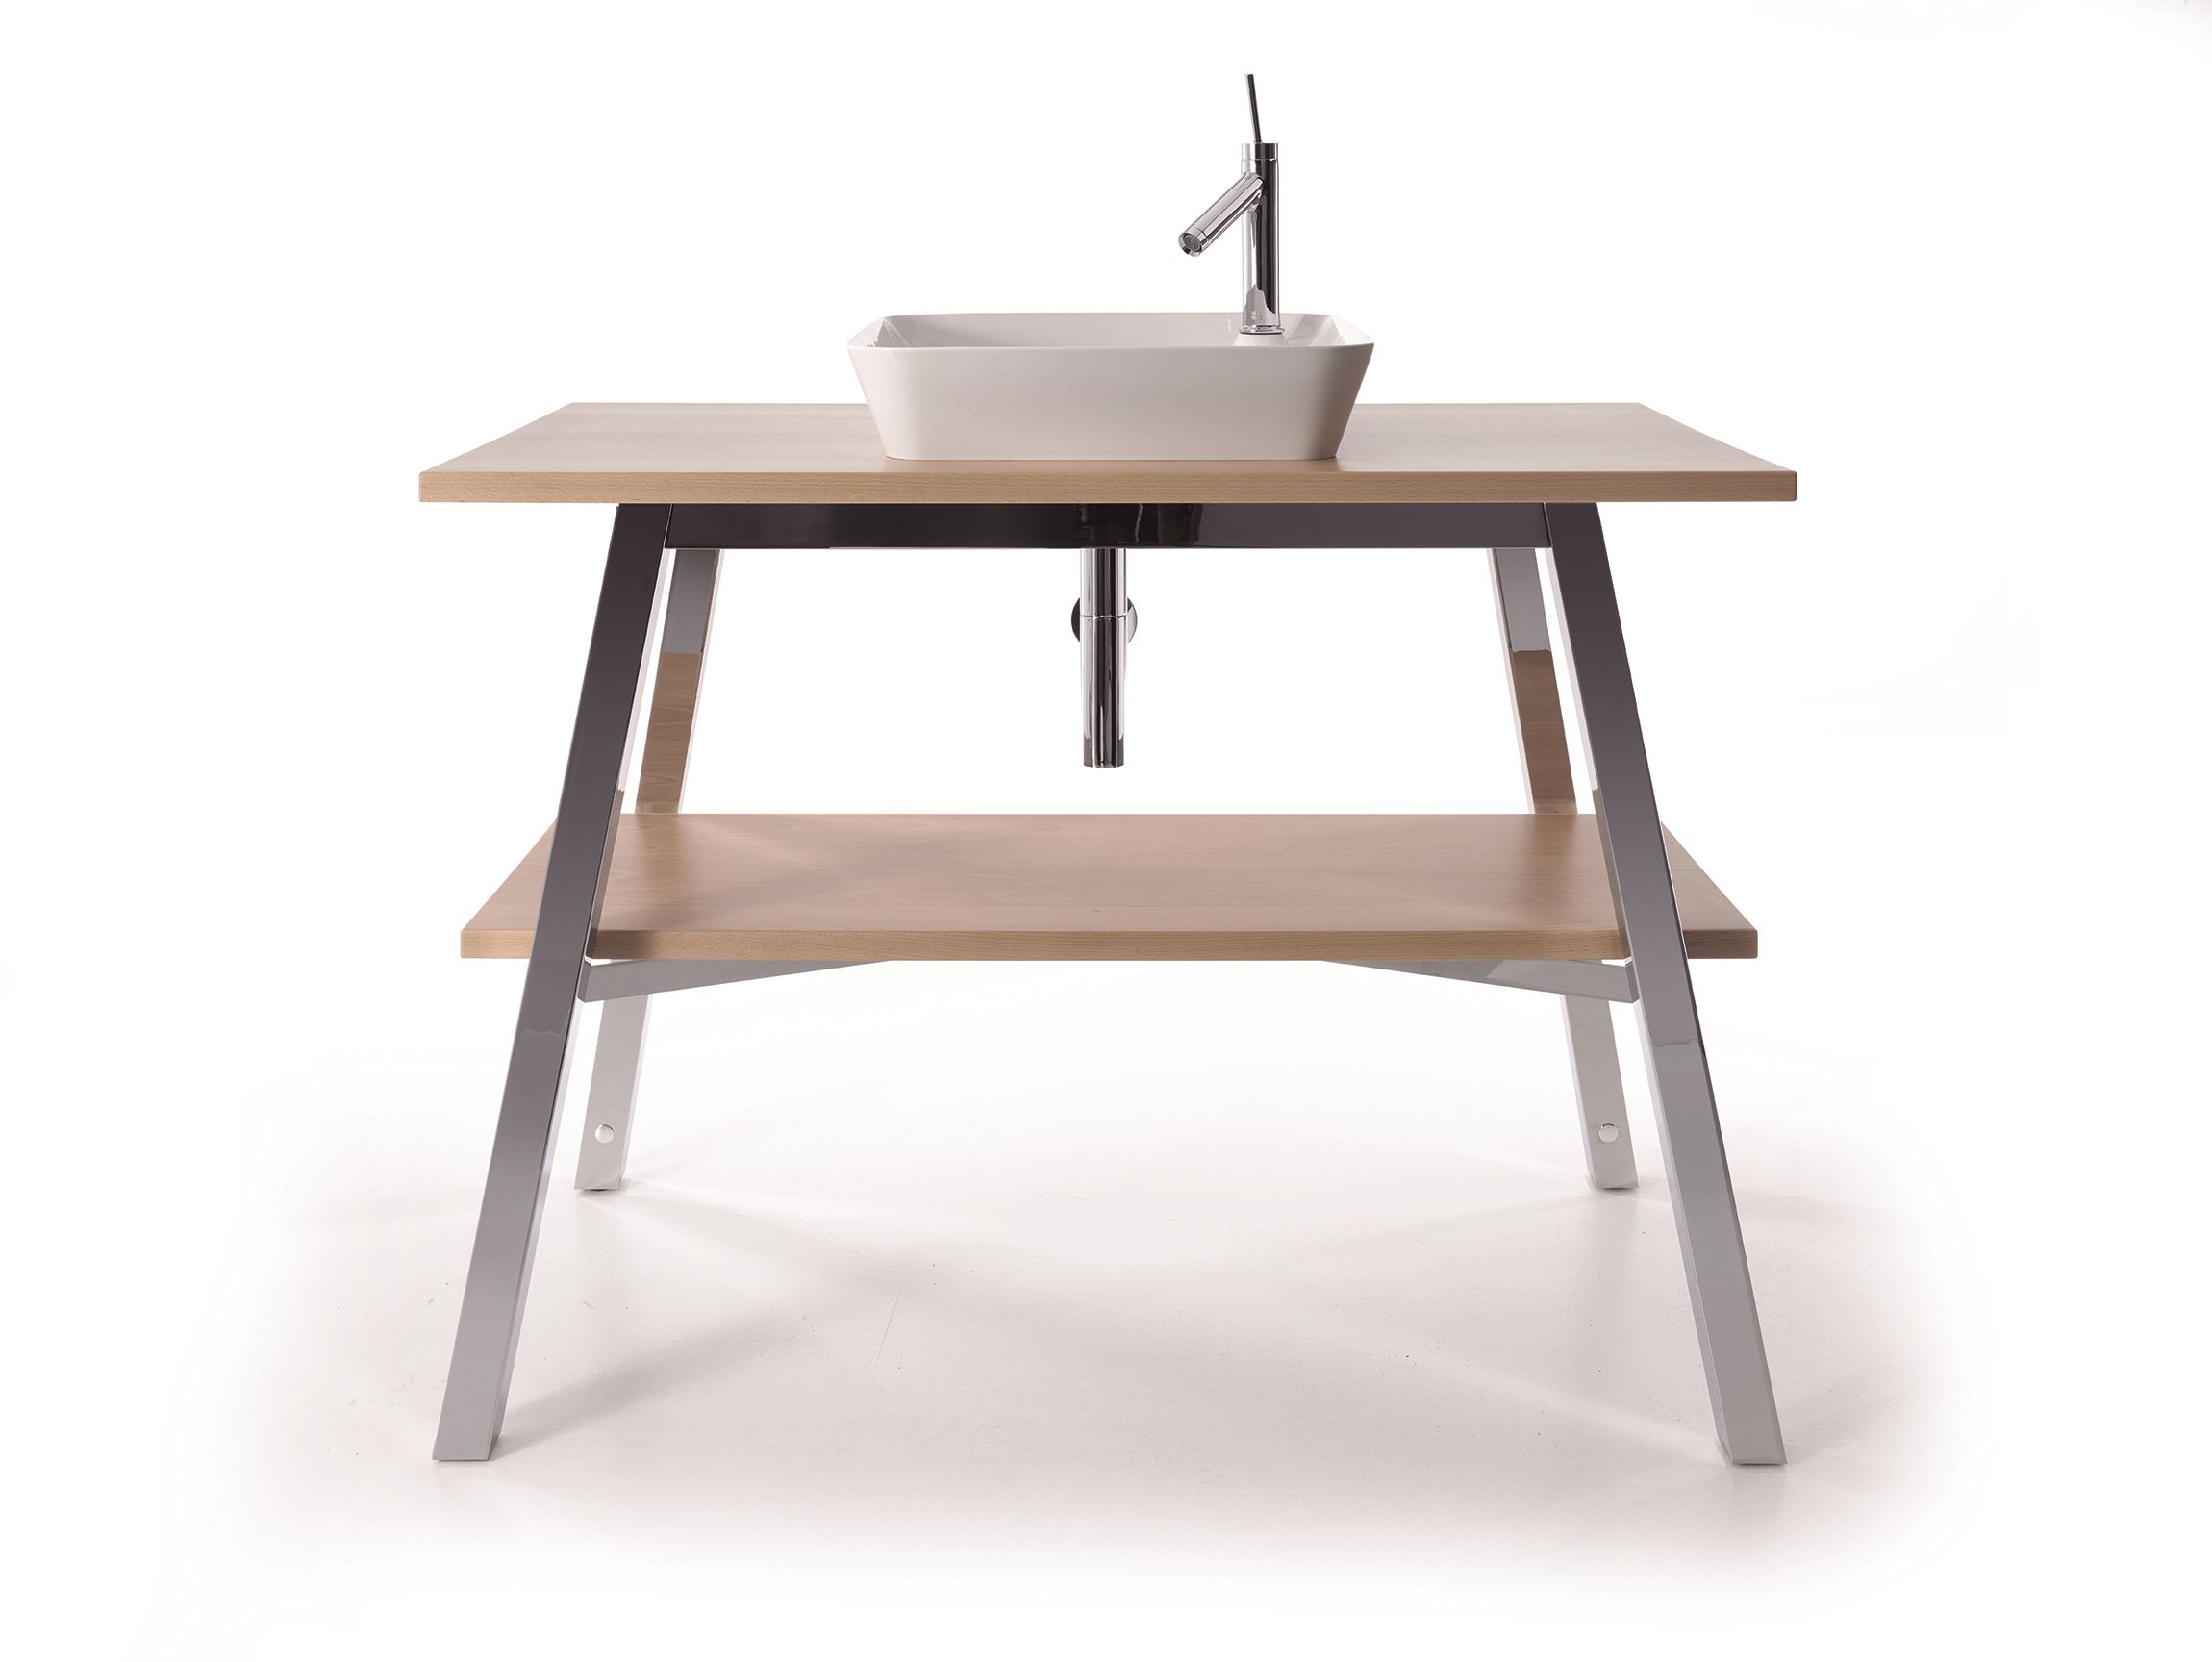 cape cod quadratisches waschbecken by duravit design. Black Bedroom Furniture Sets. Home Design Ideas